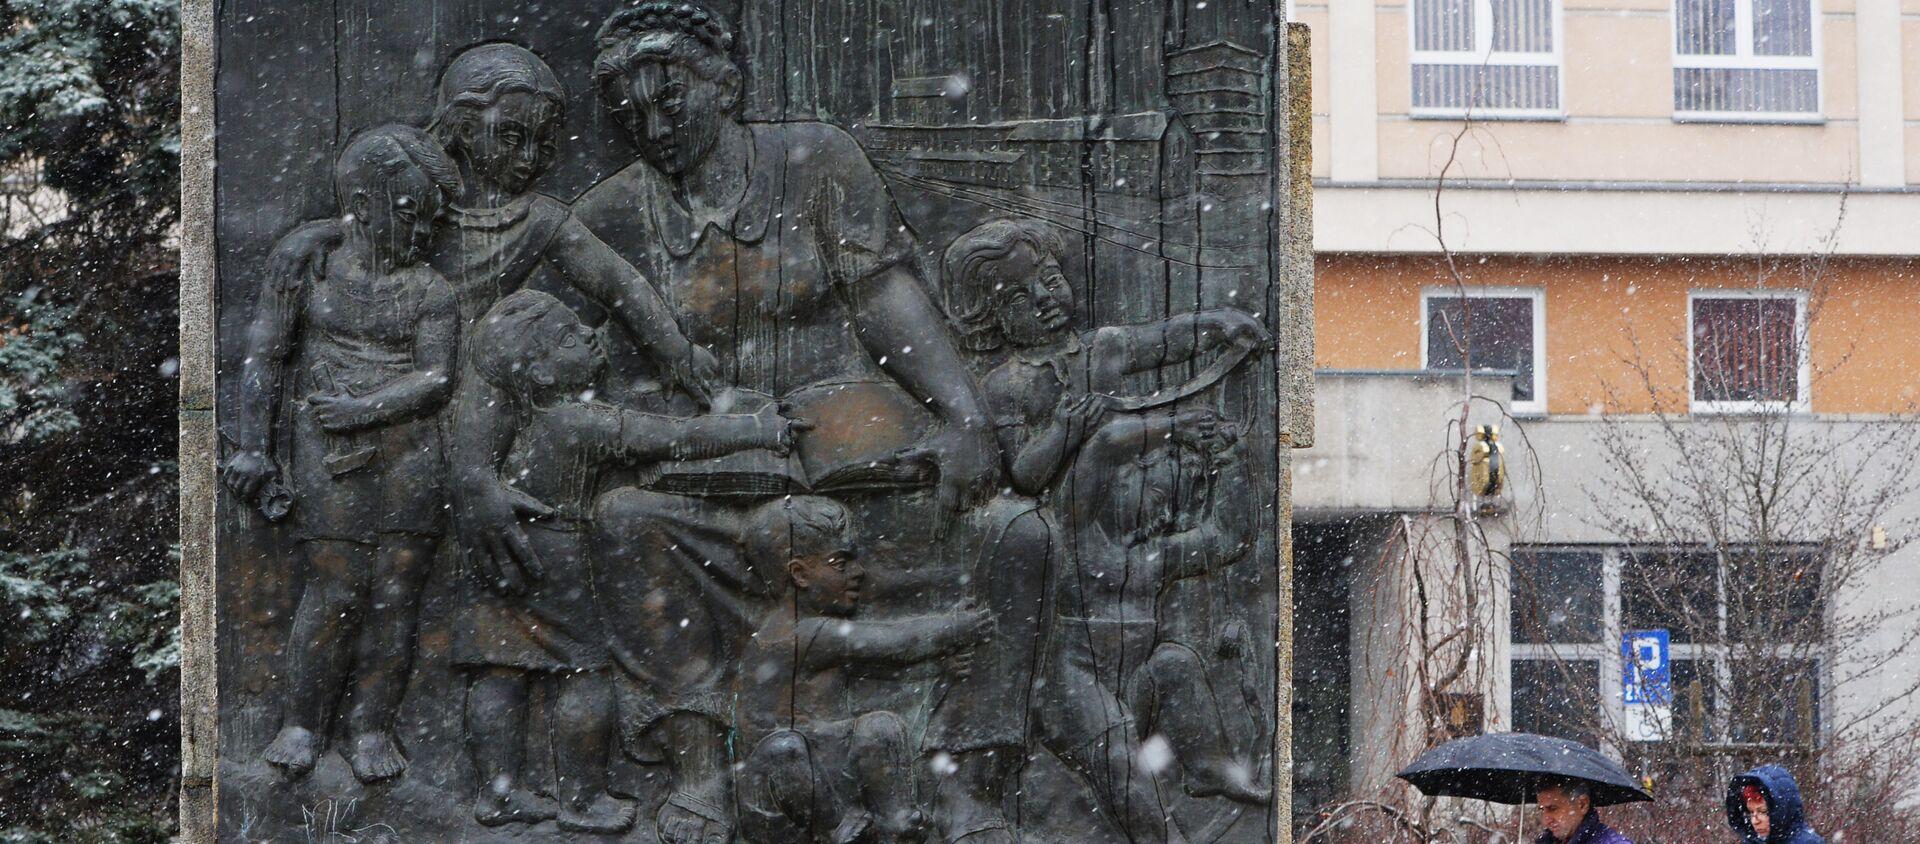 Pomnik radziecko-polskiego braterstwa broni w centrum Legnicy. - Sputnik Polska, 1920, 08.05.2021